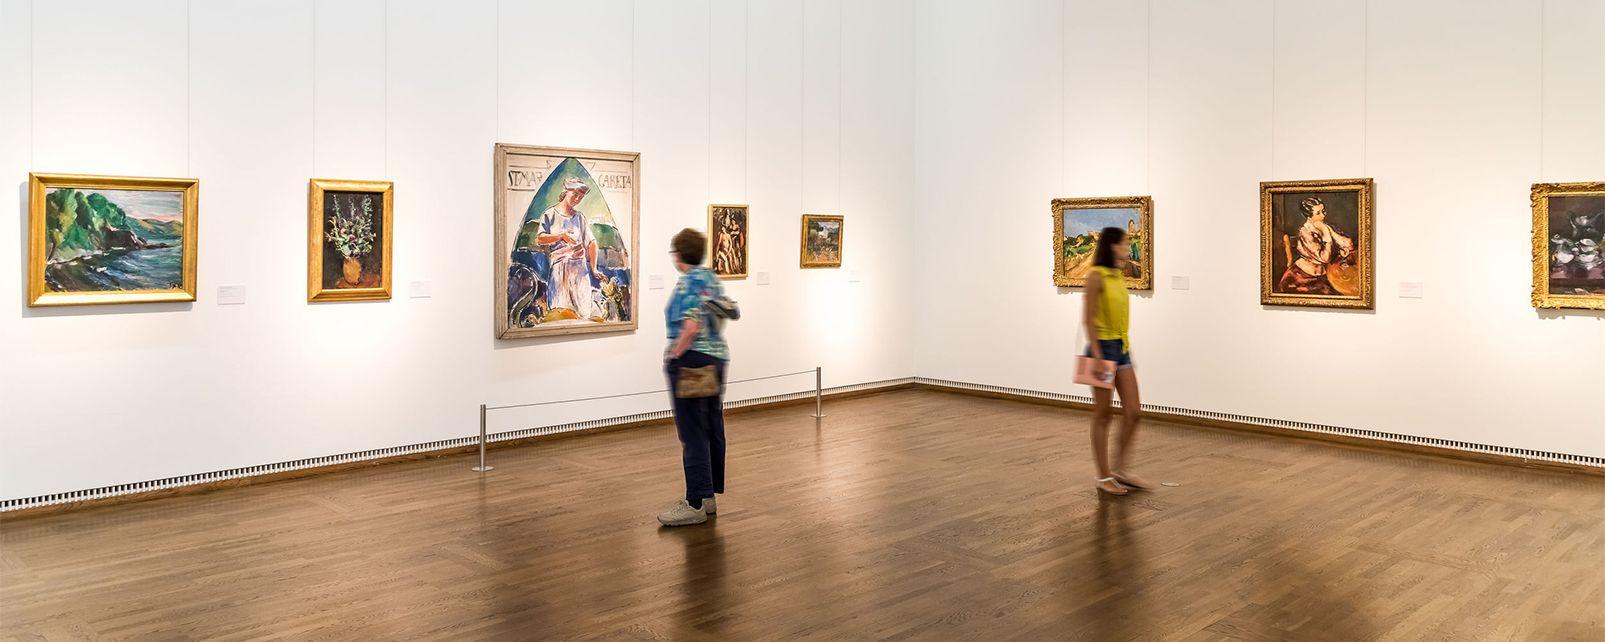 Les musées, leopold museum, musée, leopold, art, autriche, vienne.